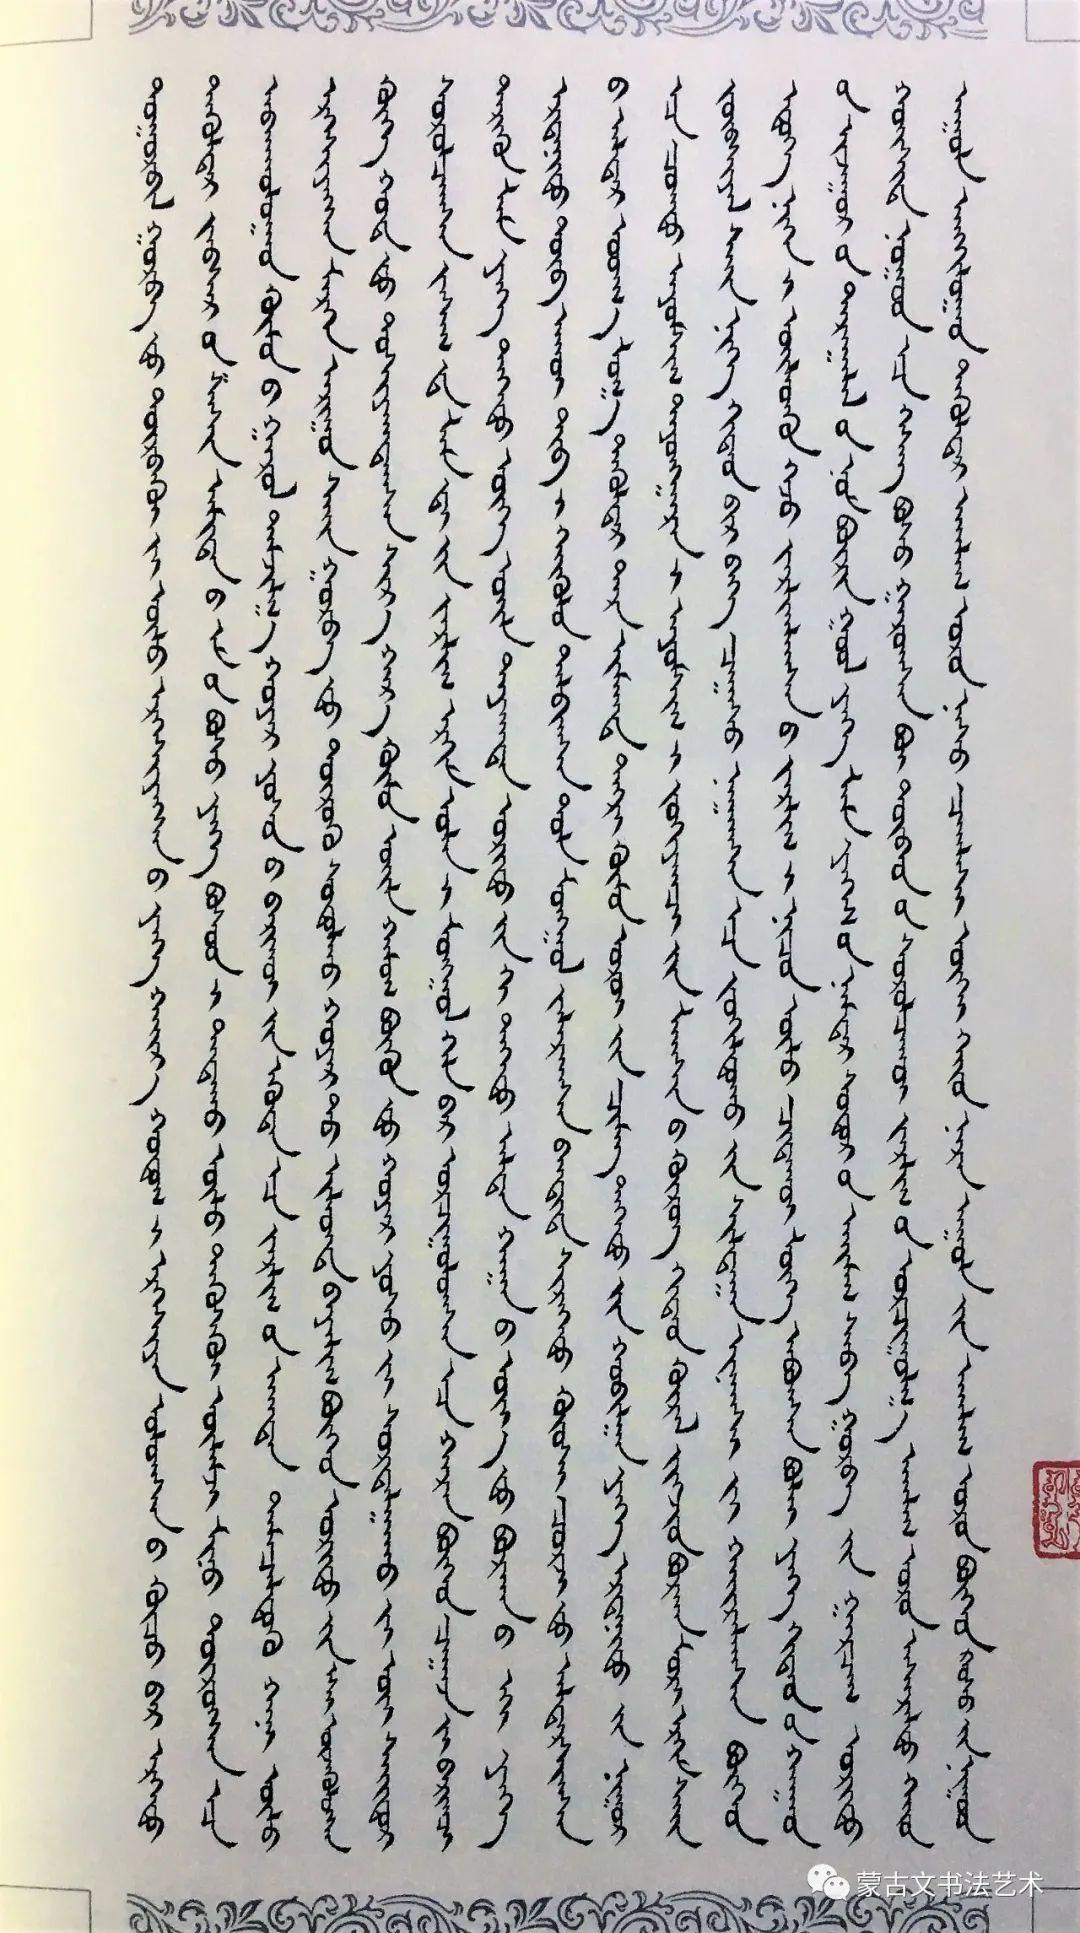 阿力达日图楷书著作-《中国佛教史(三)》 第5张 阿力达日图楷书著作-《中国佛教史(三)》 蒙古书法